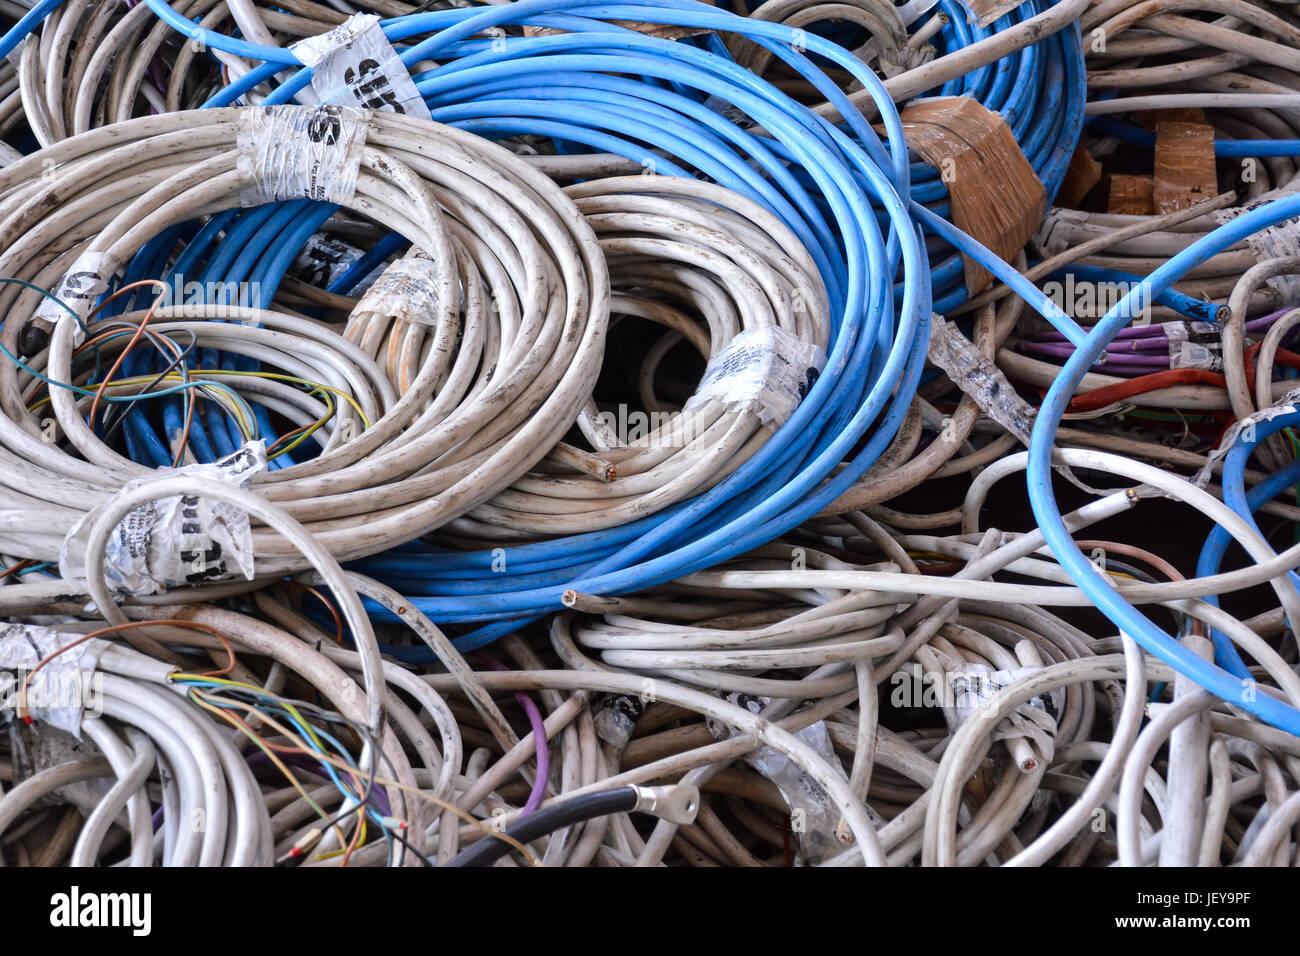 Ziemlich Kupferdraht Recycling Zu Verbrennen Galerie - Elektrische ...